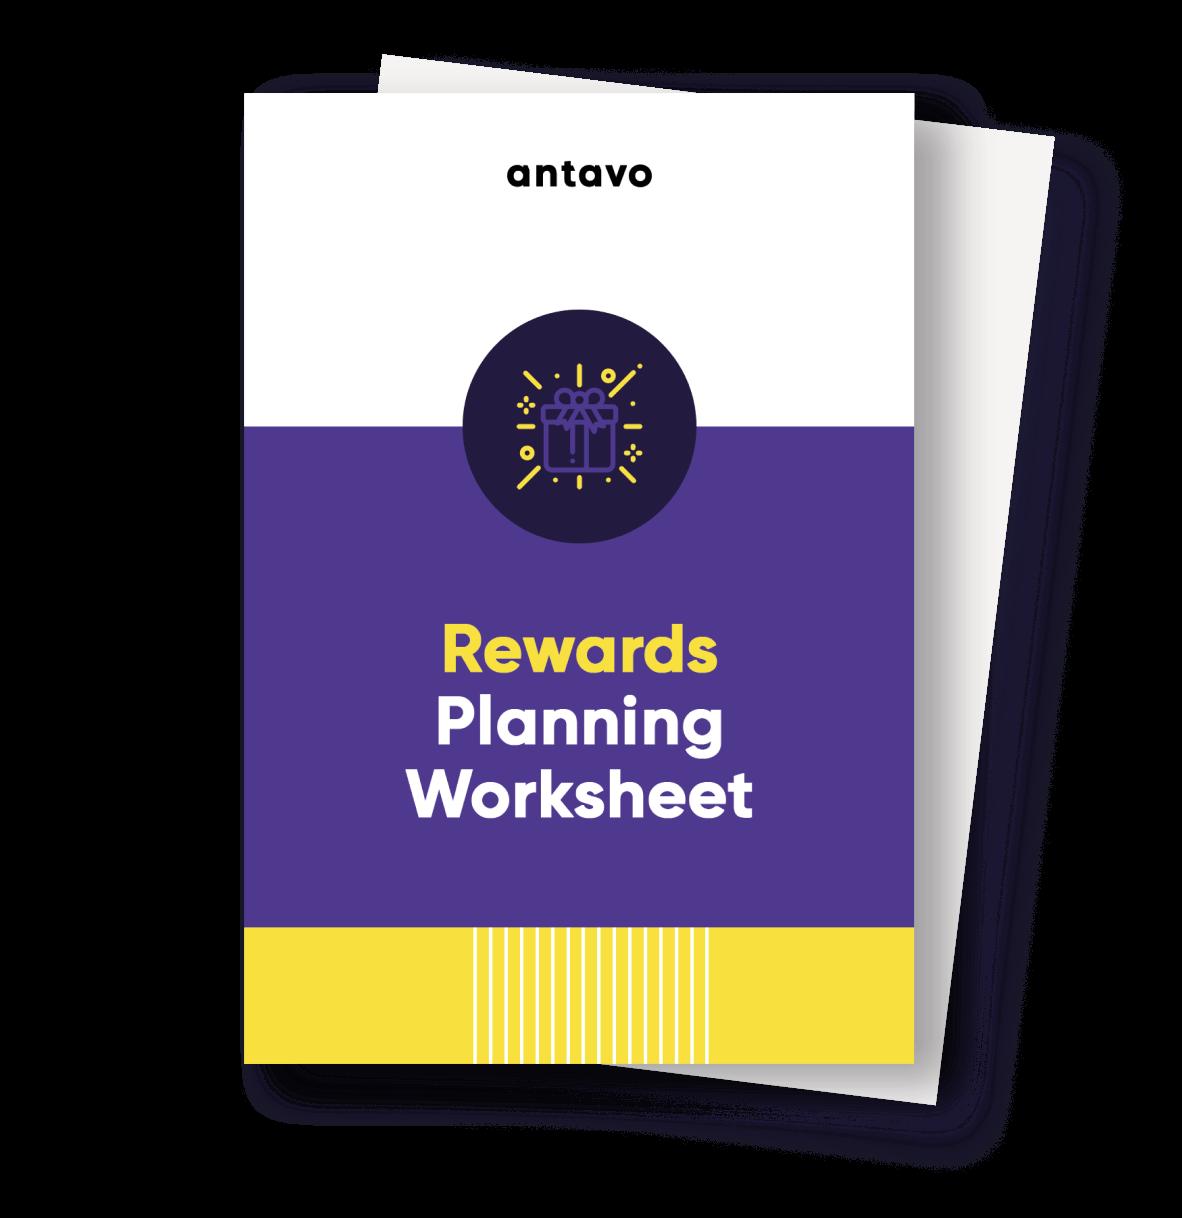 Antavo's Ebook: Rewards Planning Worksheet